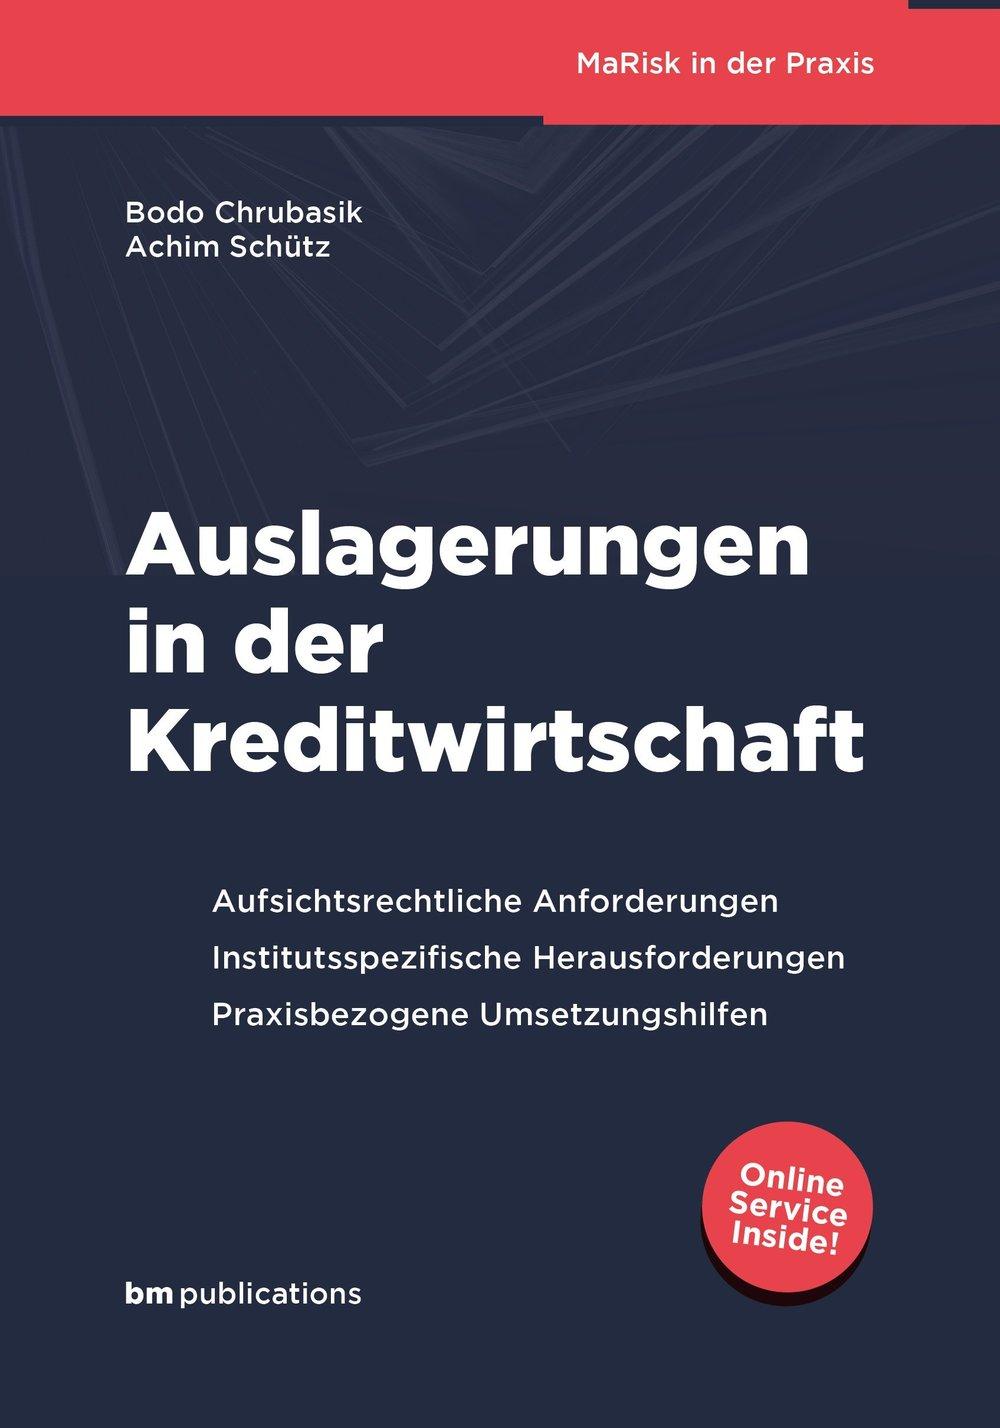 Die deutsche Kreditwirtschaft befindet sich in einem substantiellen Wandel und steht vor massiven Umbrüchen und grundsätzlichen Veränderungen. Nicht nur einzelne Geschäftsprozesse, auch komplette Wertschöpfungsketten werden kritisch hinterfragt. Dabei werden Auslagerungen (Outsourcing) von Geschäftsbereichen und Geschäftsprozessen verstärkt als attraktive Alternative wahrgenommen. Im Kontext der MaRisk rücken Outsourcing-Vorhaben damit auch verstärkt in den Fokus von Instituten und Aufsicht.   Das Buch zielt darauf ab, praktische Umsetzungstipps und -alternativen aufzuzeigen:  • aufsichtsrechtliche Anforderungen und Interpretationen konkretisieren  • Neuerungen aus der 5.MaRisk Novelle operationalisieren  • Feststellungen aus Sonderprüfungen nach §44 KWG transparent machen  • Öffnungsklauseln (doppelte Proportionalität) erläutern  • Innovative Ansätze zur Optimierung und Automation der Prozesse vermitteln   Das Buch richtet sich an:  • Verantwortungsträger in der Kreditwirtschaft  • Berater, Prüfer und Revisoren  • Studierende und Kollegen der verschiedenen Bildungseinrichtungen.   Das Buch versteht sich damit als praxisnaher und umsetzungsorientierter Interpretations- und Orientierungsleitfaden für ein erfolgreiches und aufsichtsrechtlich konformes Management von Auslagerungen.   Dr.Bodo Chrubasik ist Experte auf dem Gebiet des Auslagerungsmanagements. Er berät seit Jahren Banken, Leasinggesellschaften und Finanzdienstleister auf dem Gebiet der MaRisk und begleitete diverse Sonderprüfungen nach §44 KWG.   Achim Schütz ist Praktiker und Management-Berater. Er berät Banken und Finanzdienstleister im Rahmen der Auslagerung von Geschäftsprozessen, organisatorischen Veränderungen und Fragestellungen zu den qualitativen Prozessen der MaRisk.